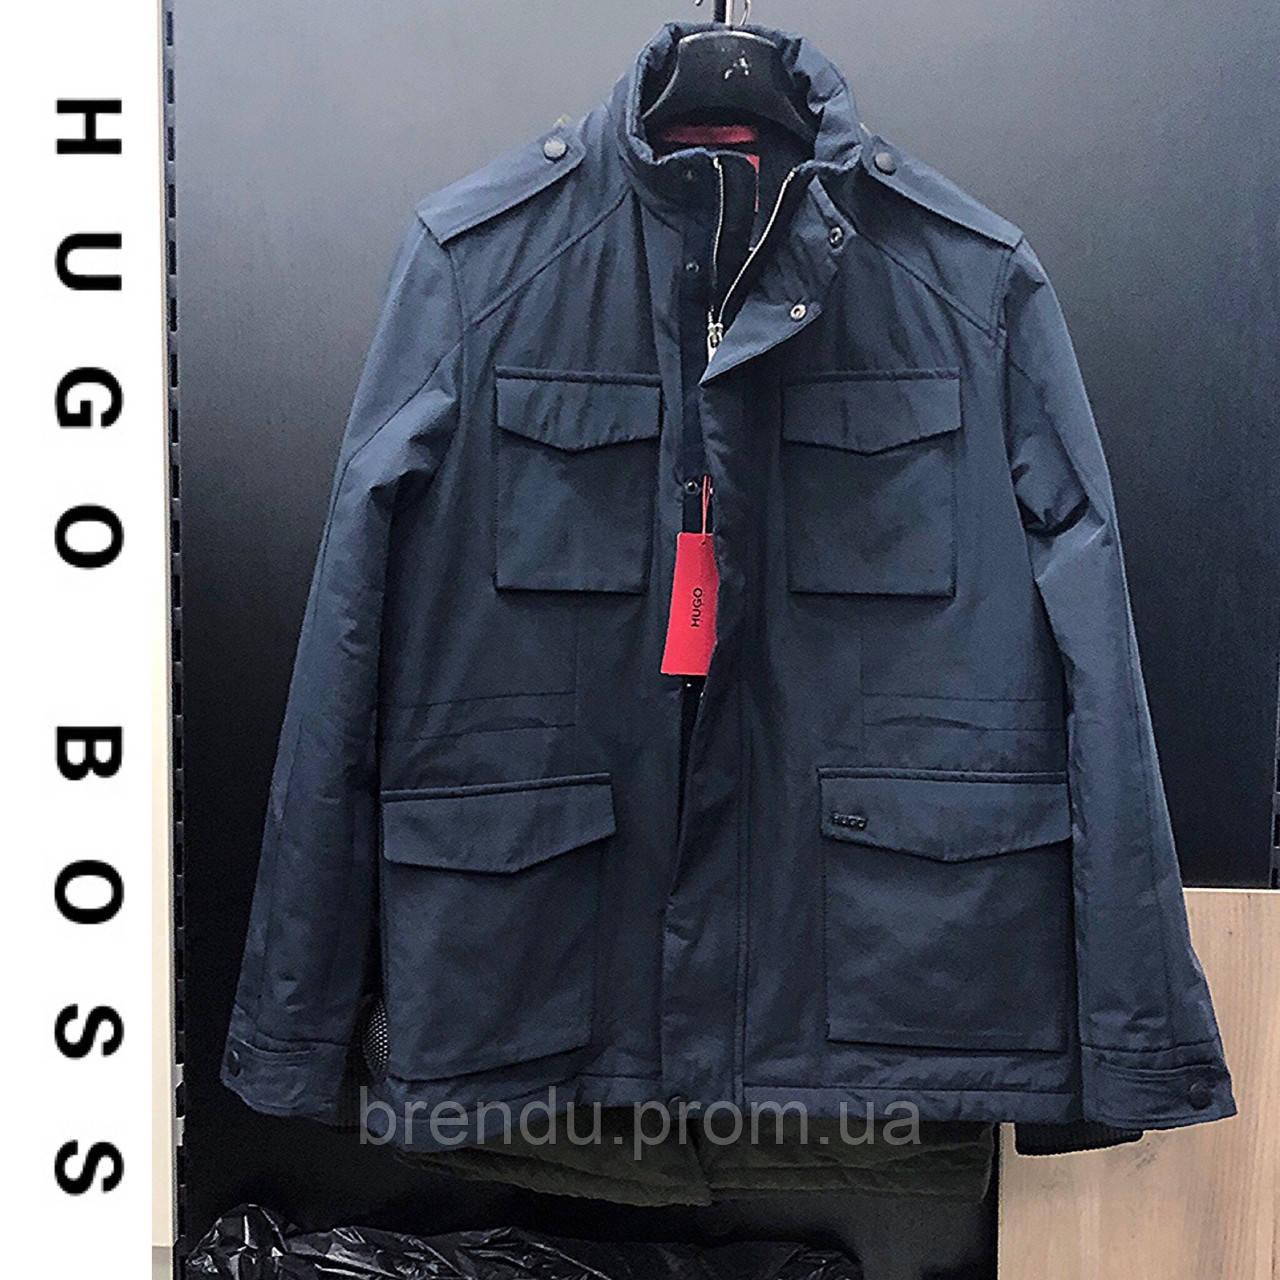 20cdb424 Куртка Френч Hugo Boss: продажа, цена в Киеве. куртки мужские от ...